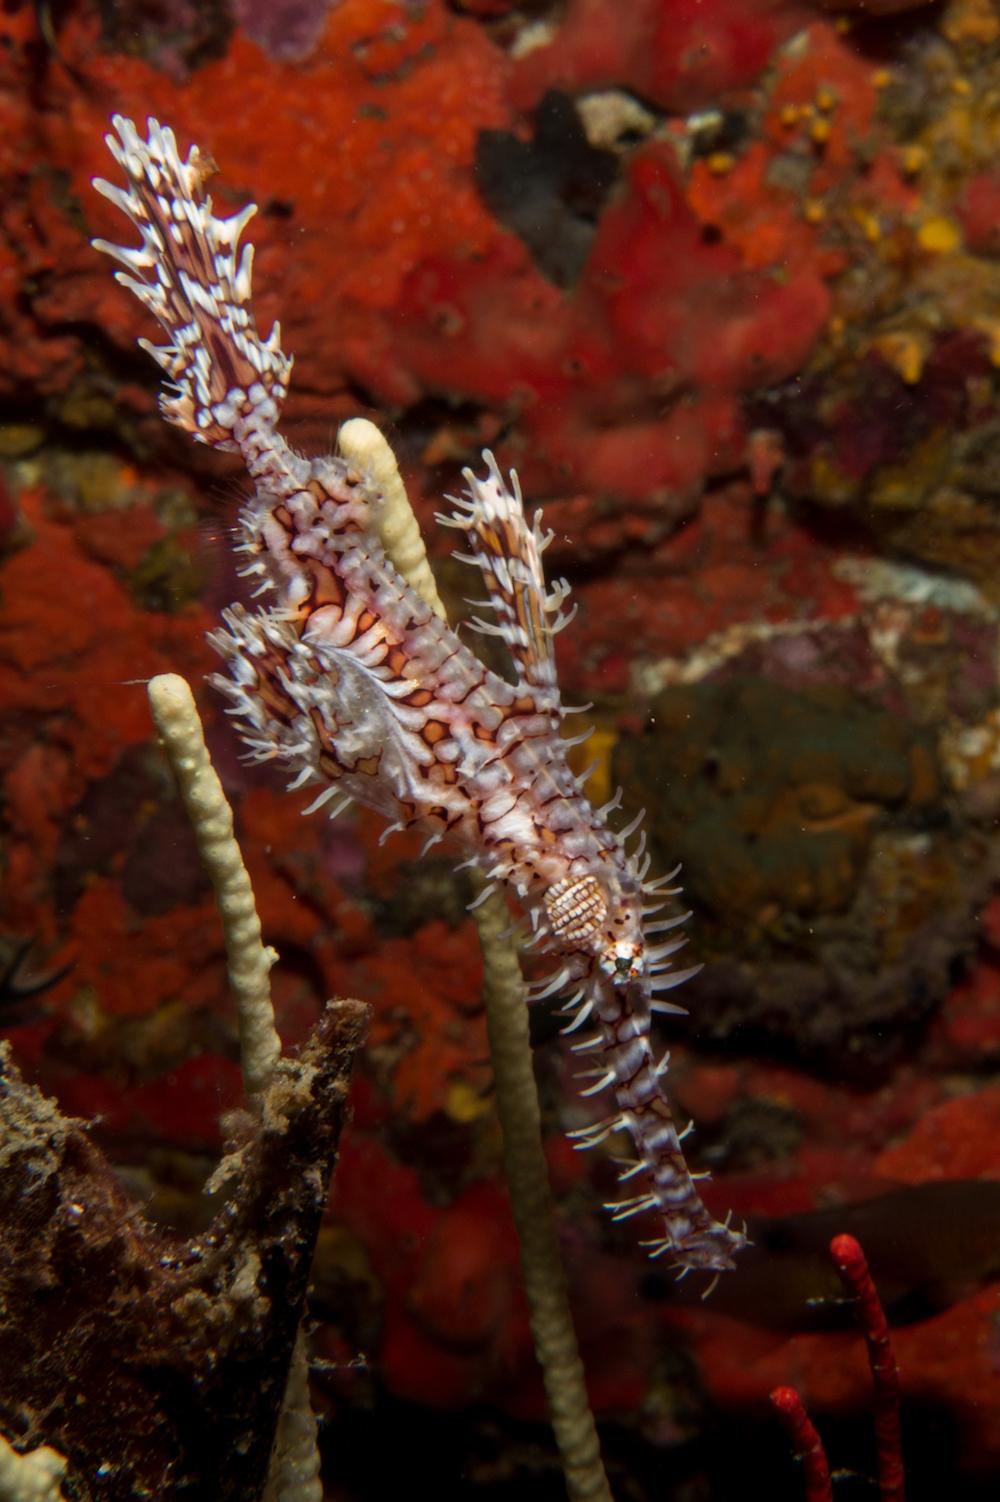 33-Geisterpfeiffenfisch